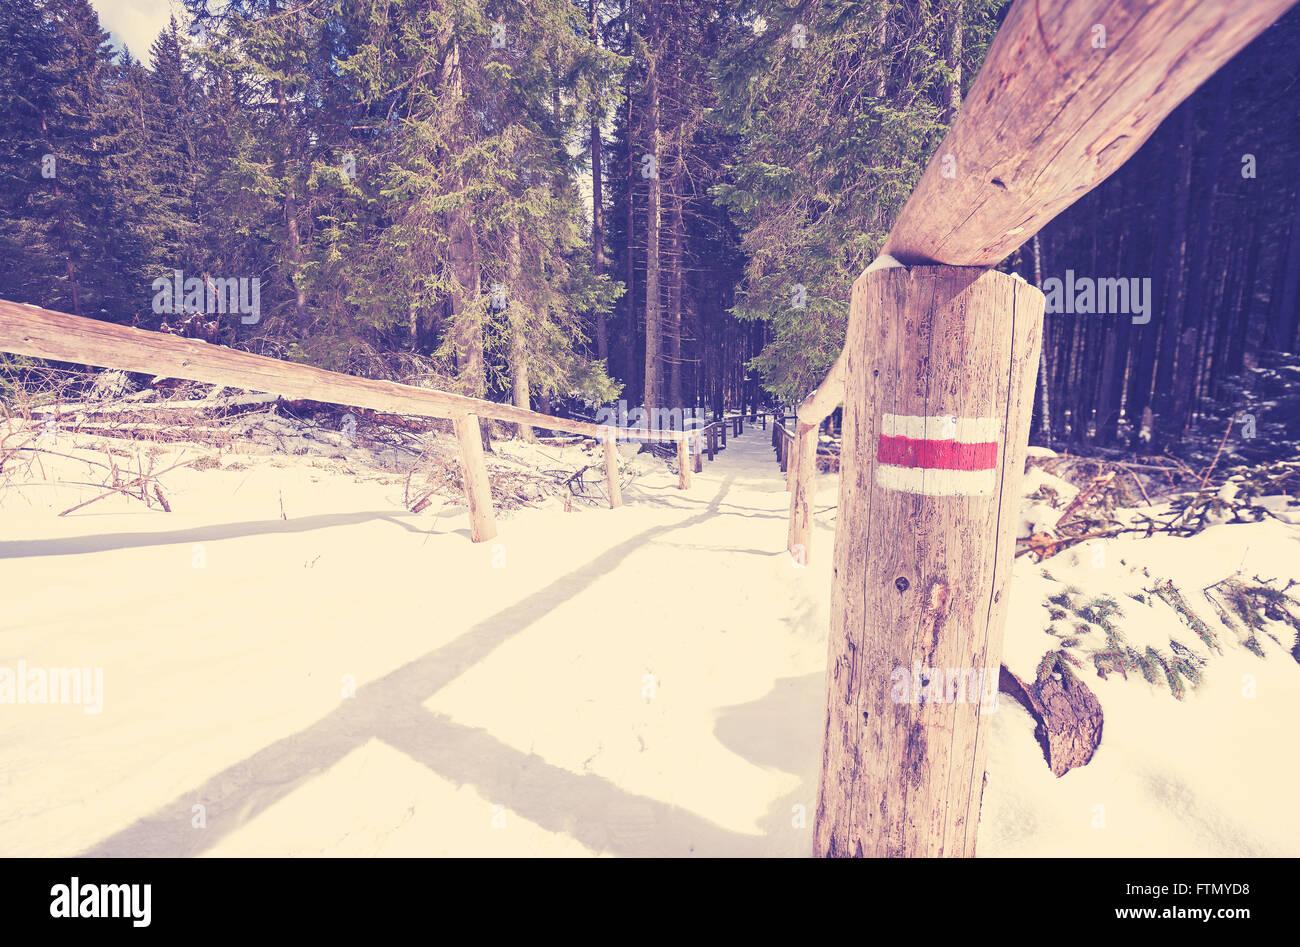 Tonos Vintage trail signo pintado sobre la perca, el invierno en las montañas Tatra, en Polonia. Foto de stock